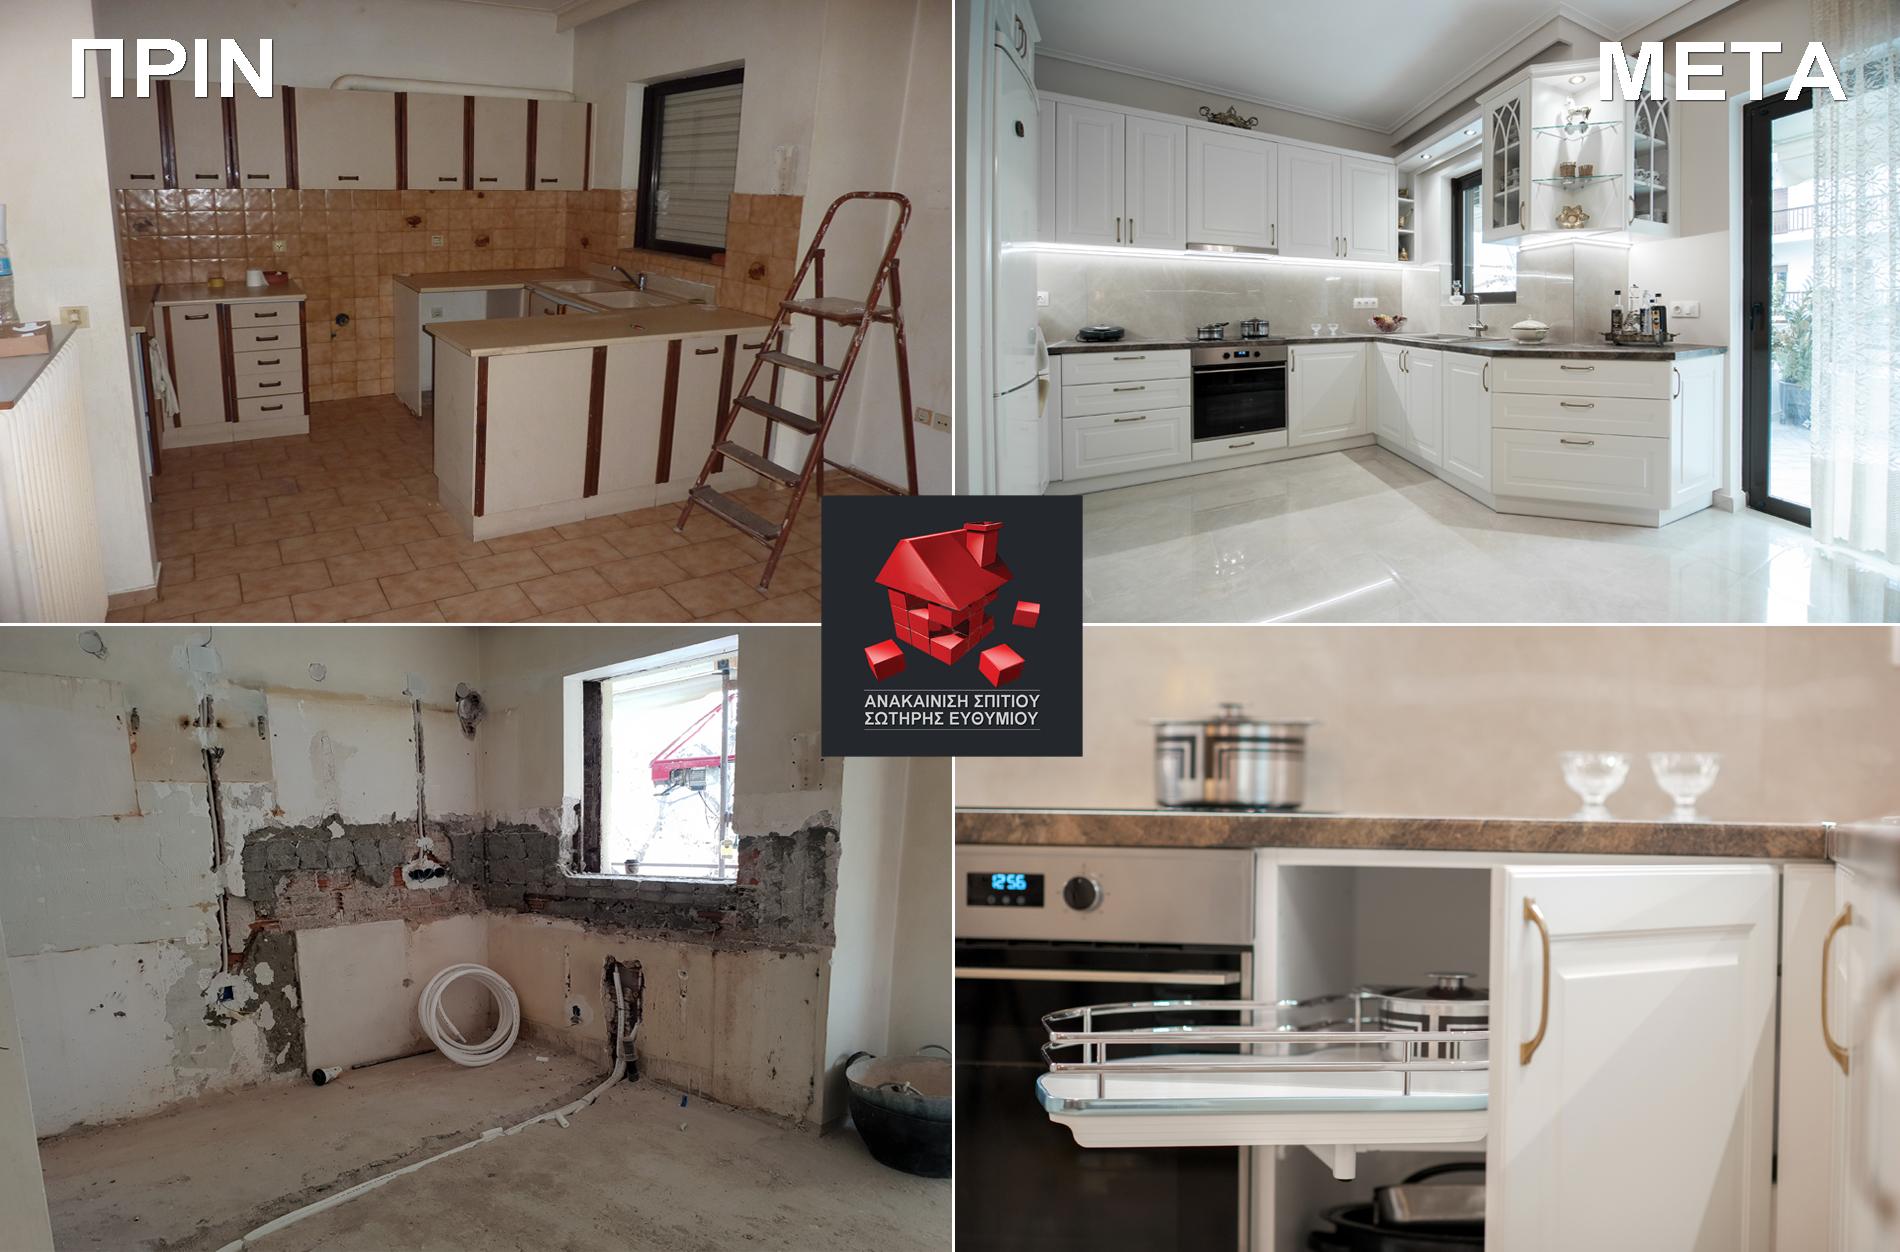 Ανακαίνιση κουζίνας παλιού σπιτιού στο Ψυχικό